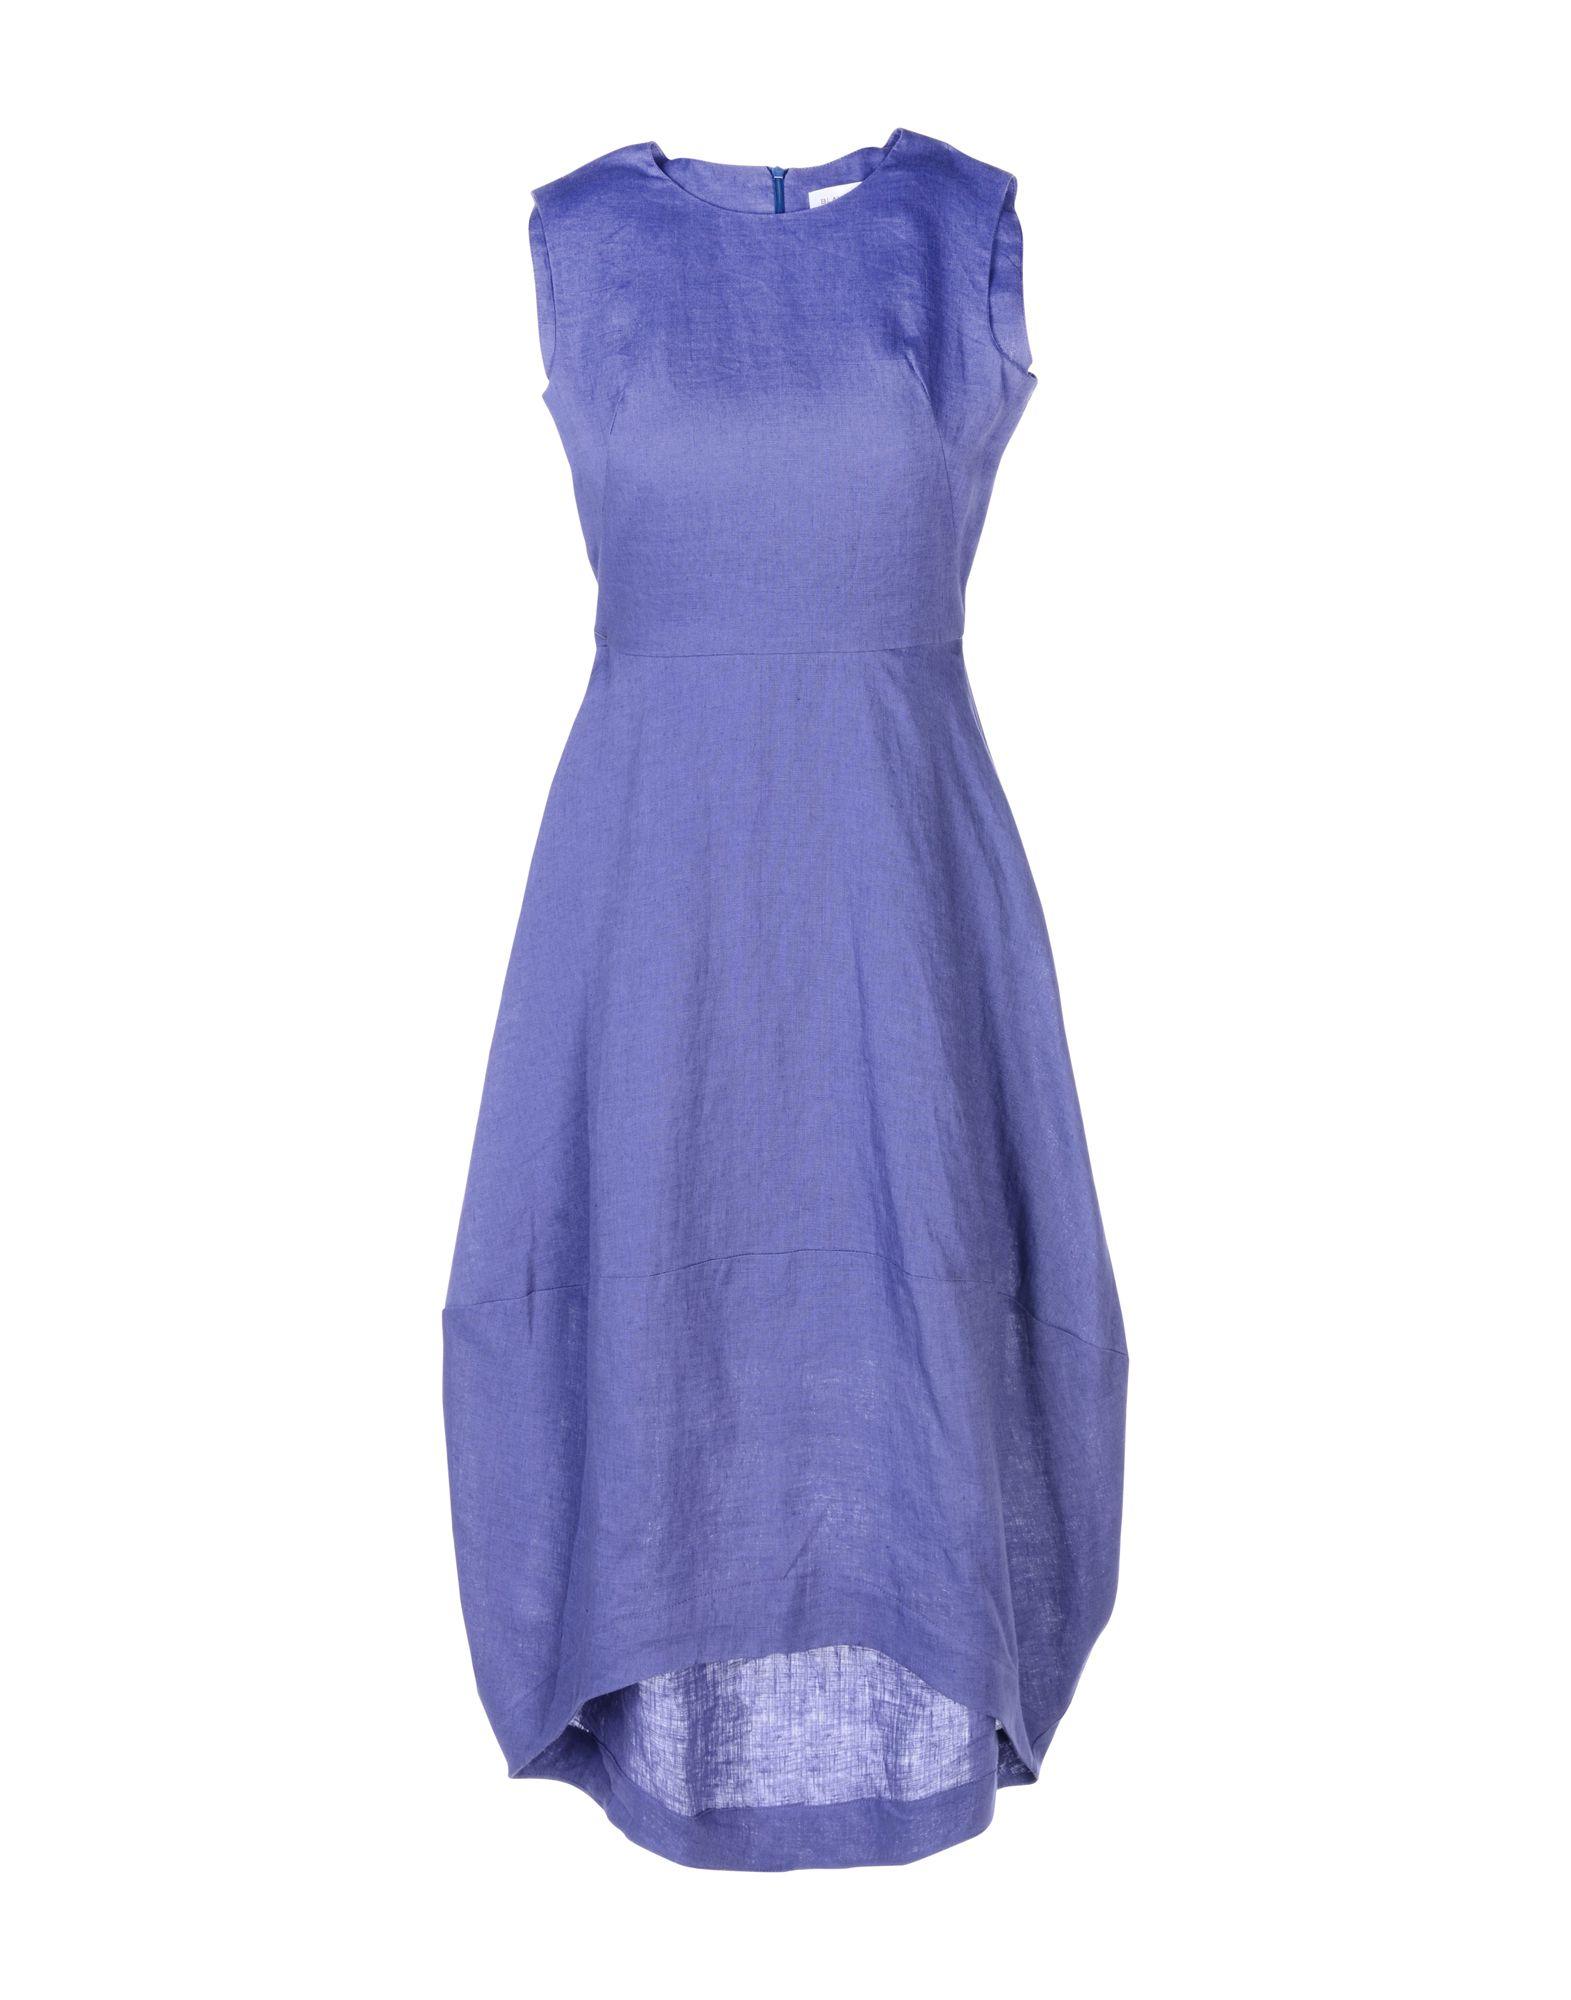 цена BLANCA LUZ Платье длиной 3/4 онлайн в 2017 году